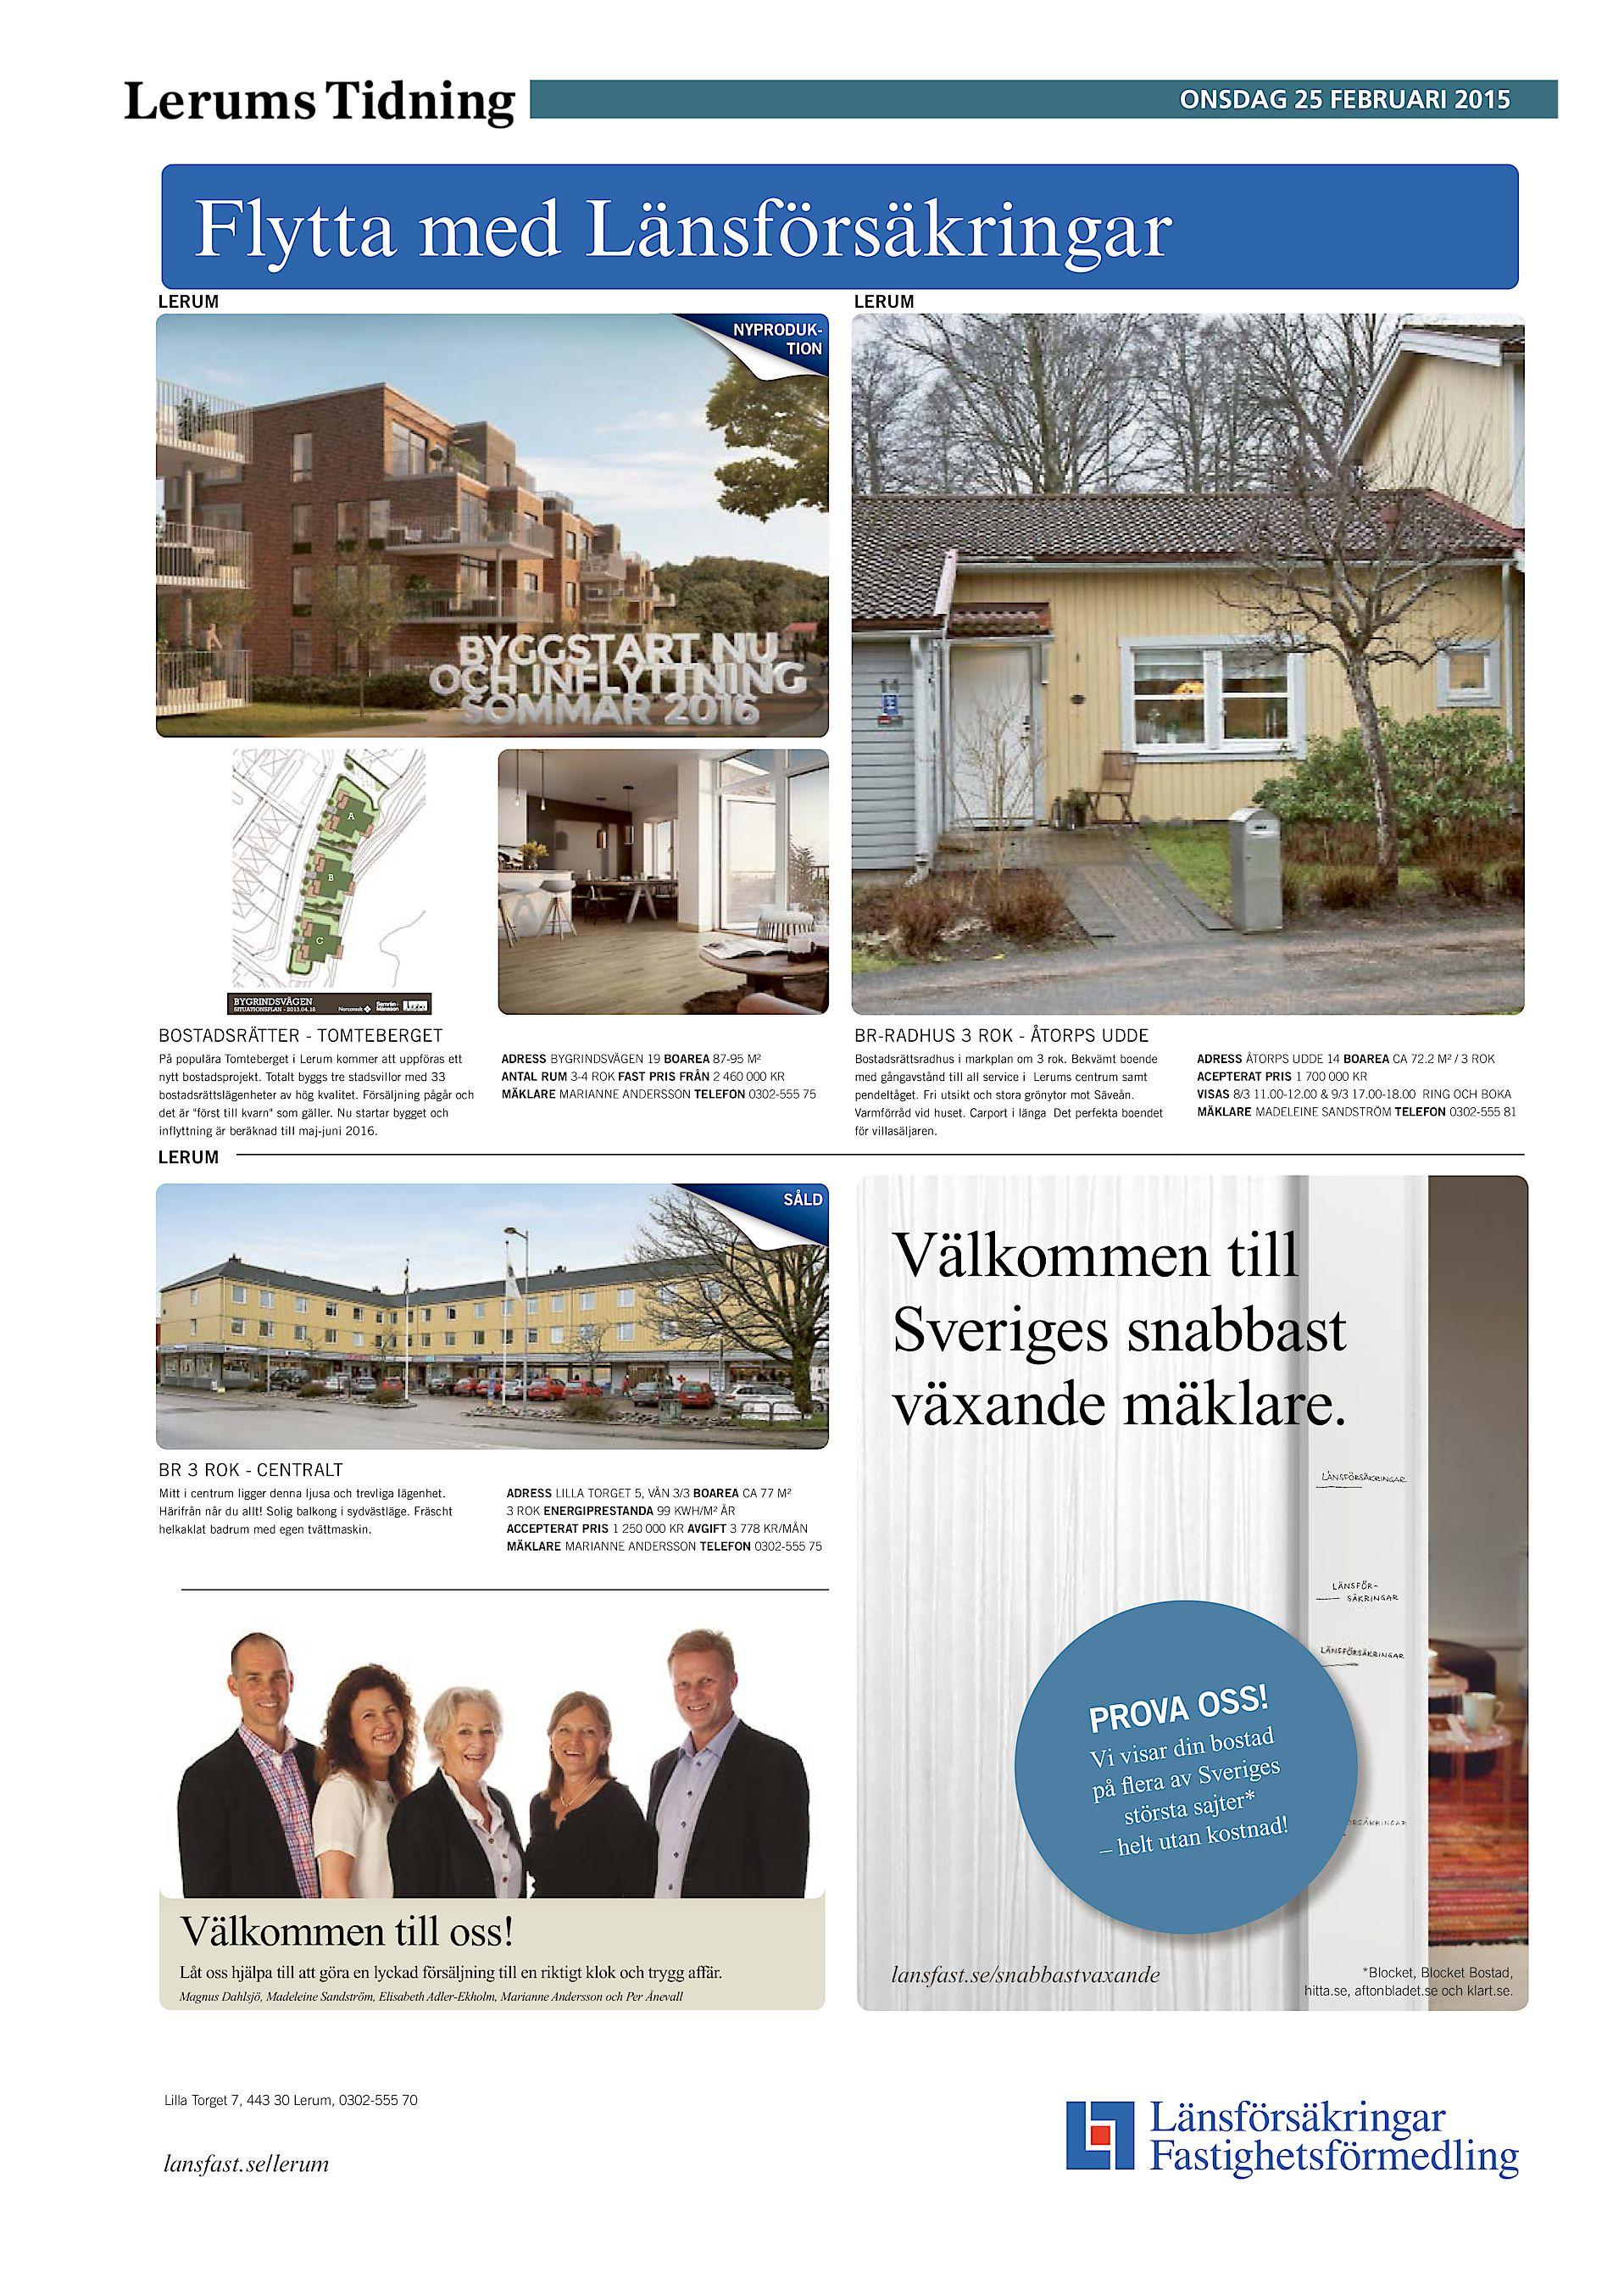 Lerums Tidning onsdag 25 februari 2015 Flytta med Länsförsäkringar LERUM  LERUM NYPRODUKTION A B C BYGRINDSVÄGEN SITUATIONSPLAN - 2013.04.18  BOSTADSRÄTTER ... a08901b336230